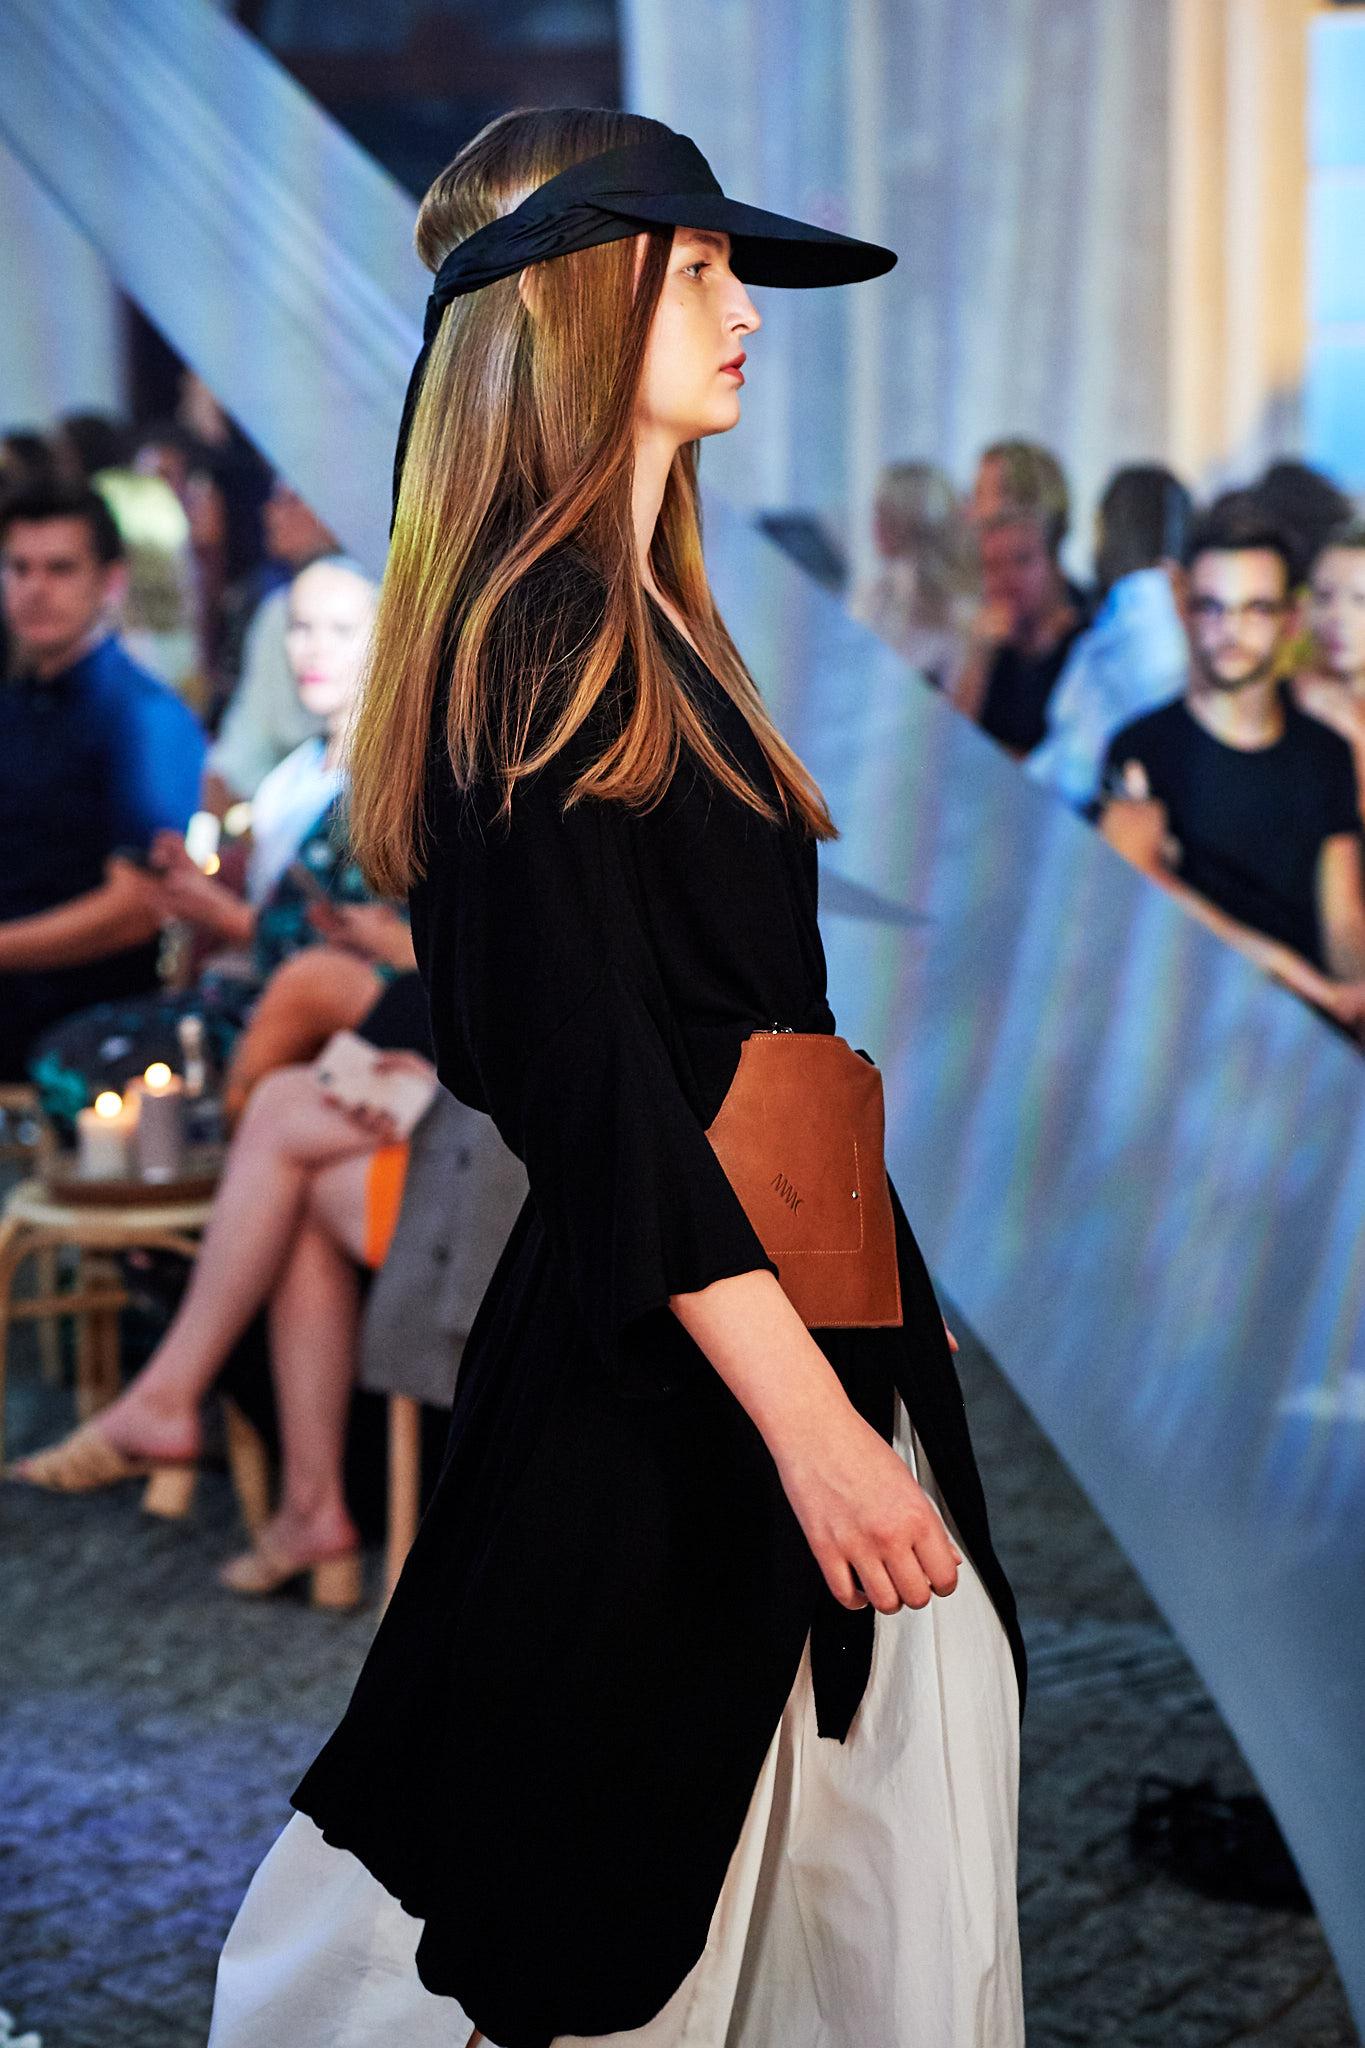 12_MMC-010719-lowres-fotFilipOkopny-FashionImages